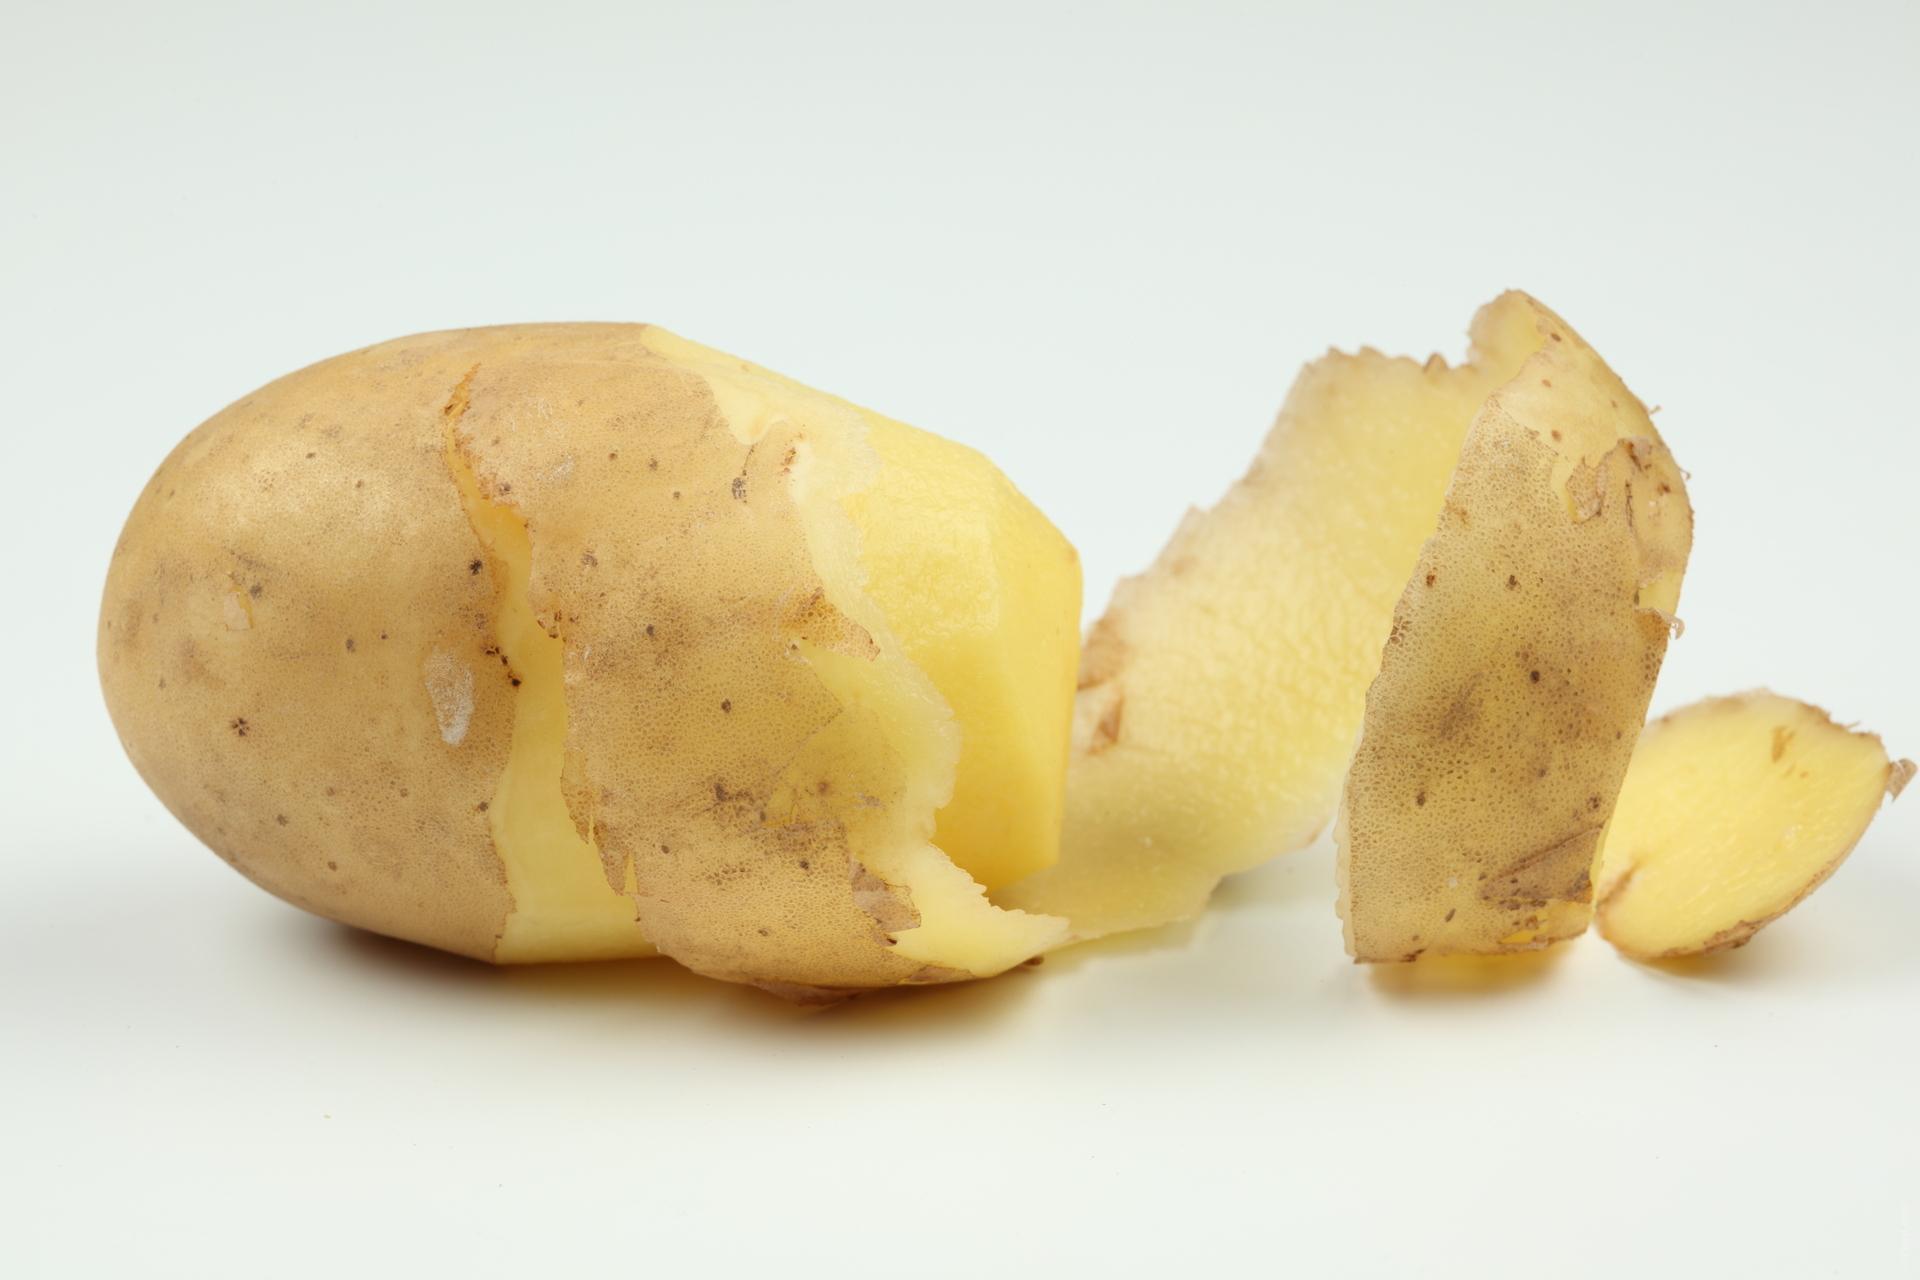 картофельный сок от дерматита